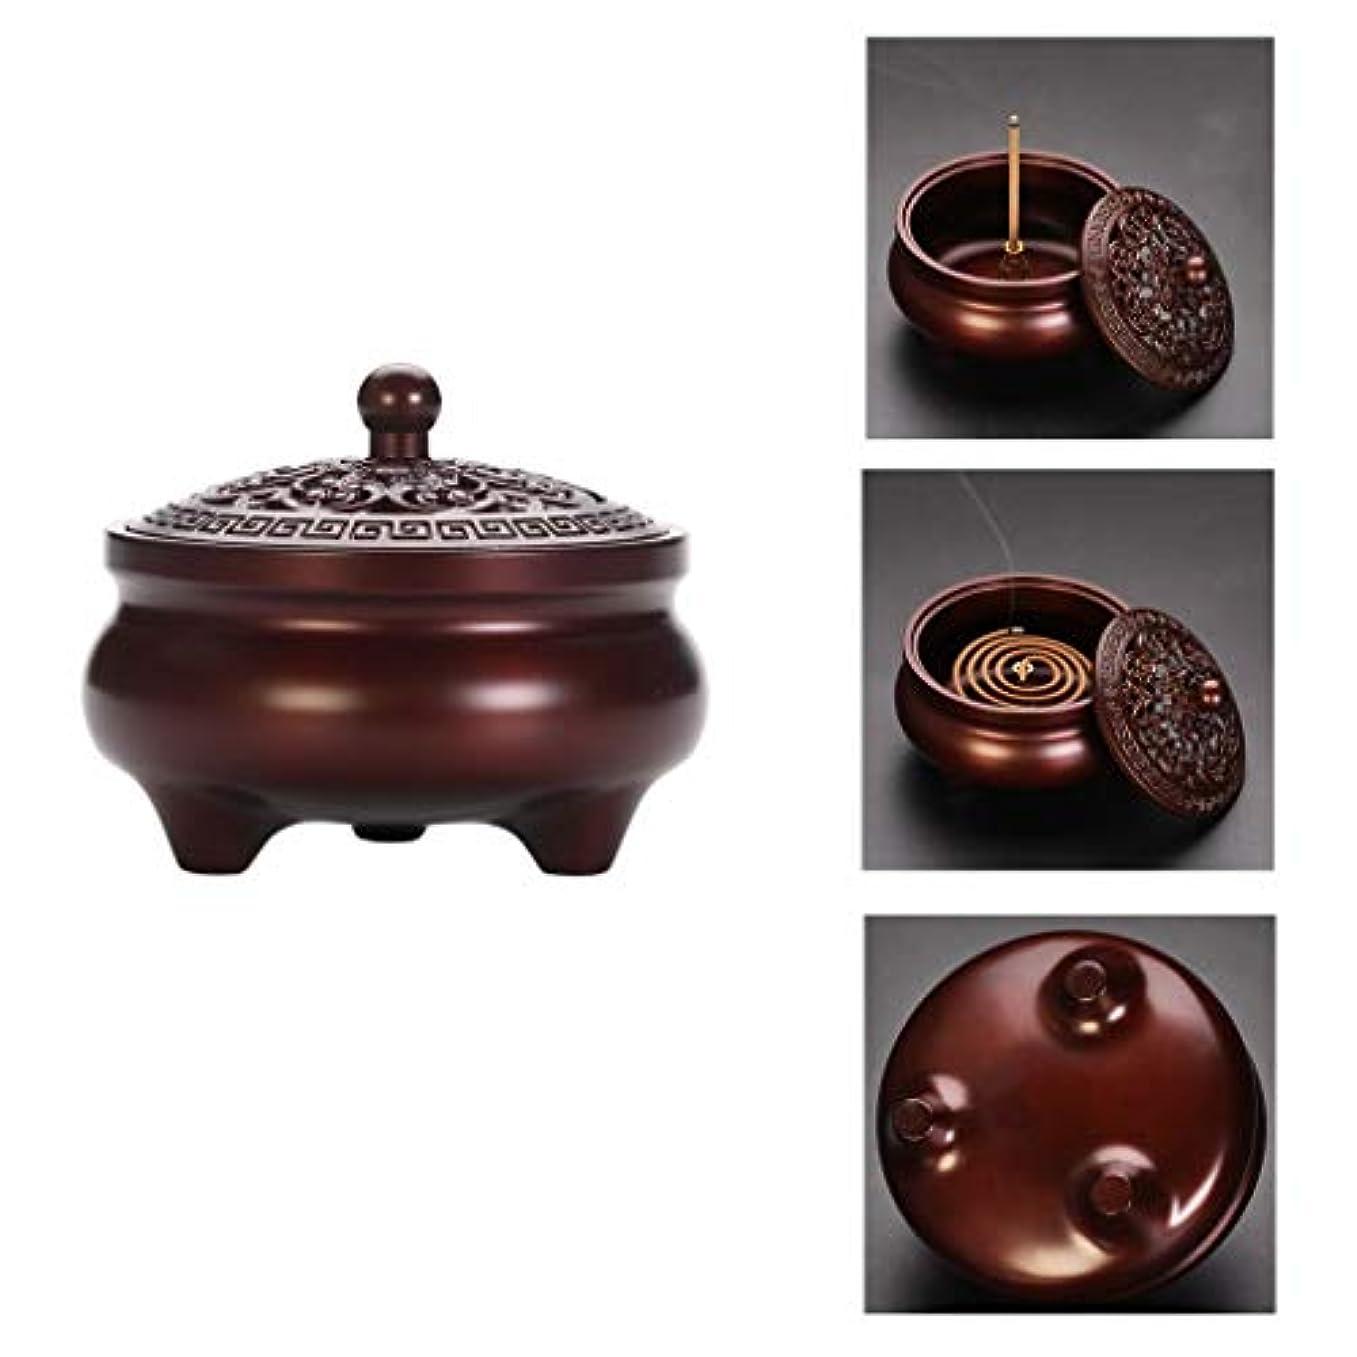 ホームアロマバーナー 純銅製メカニズム香炉シンプルでエレガントな香炉内三脚アロマセラピー炉 アロマバーナー (Color : Purple Lotus)